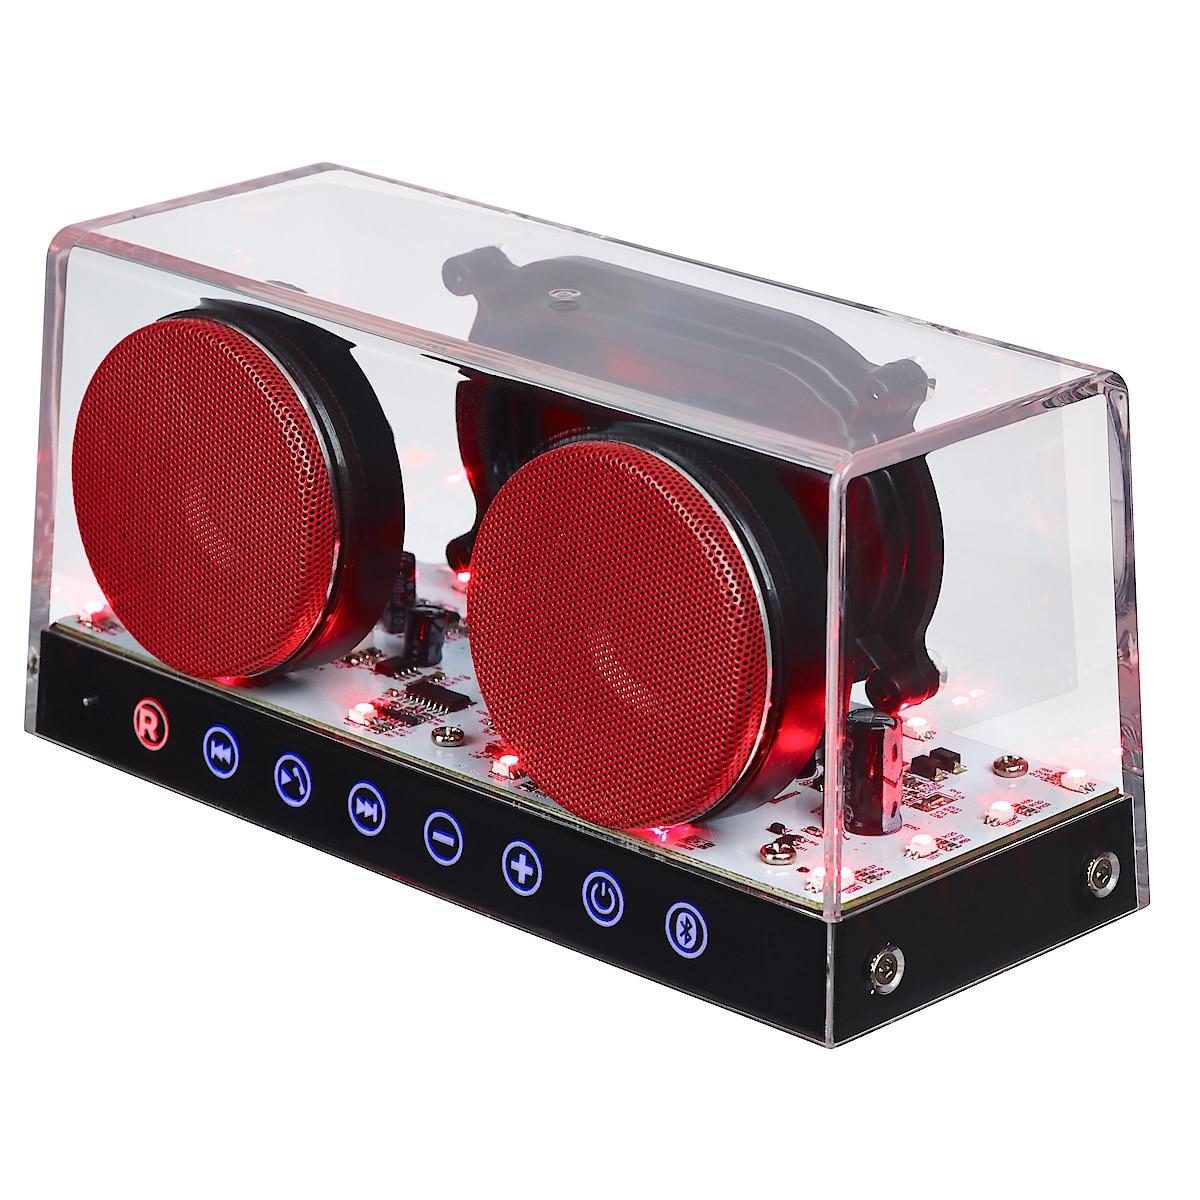 Mini-Speaker with LED Effect Lighting